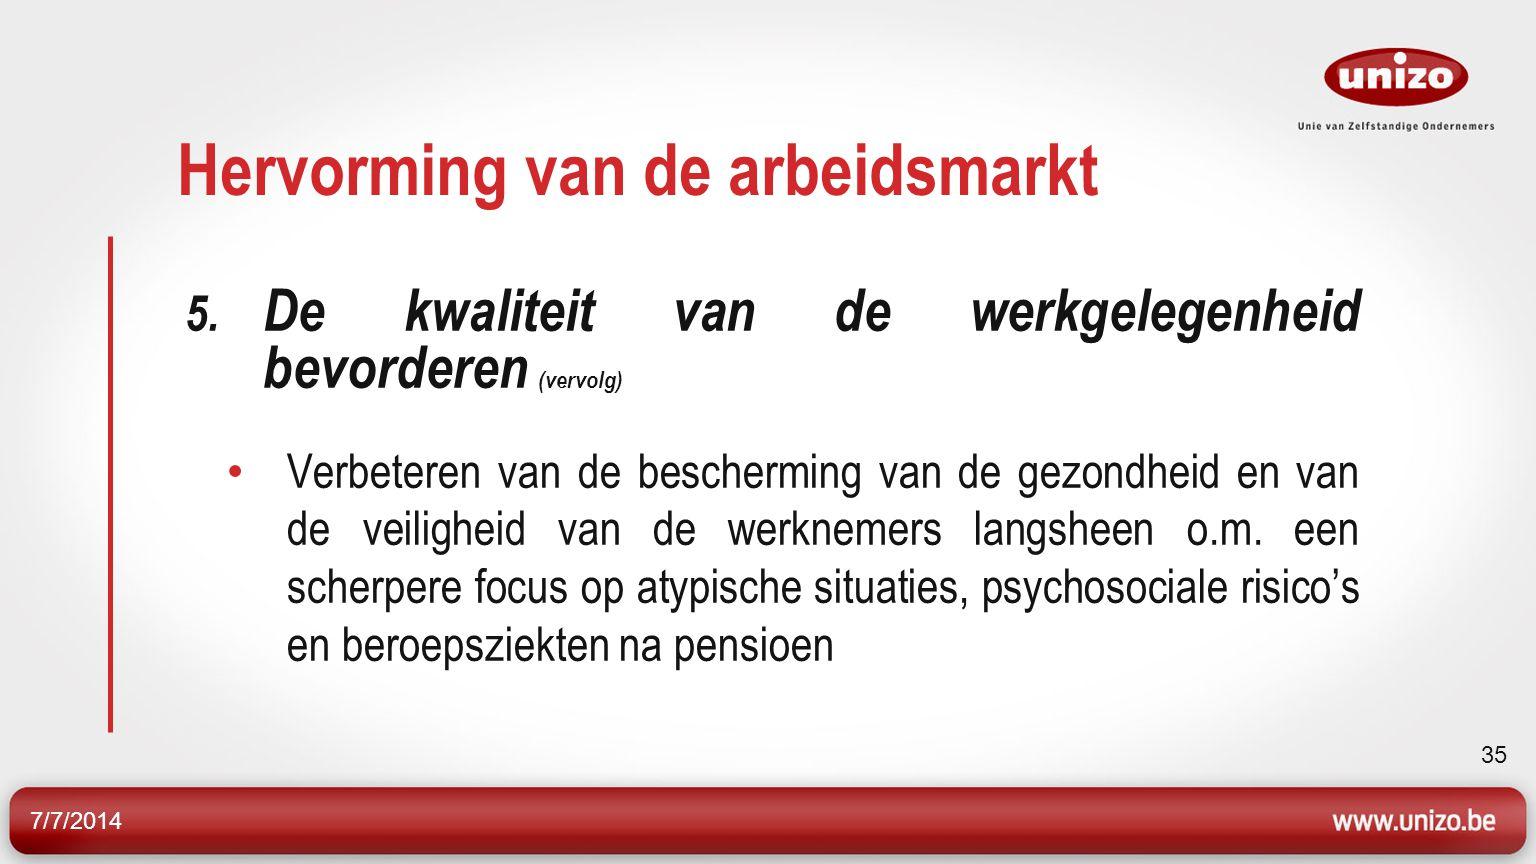 7/7/2014 35 Hervorming van de arbeidsmarkt 5.